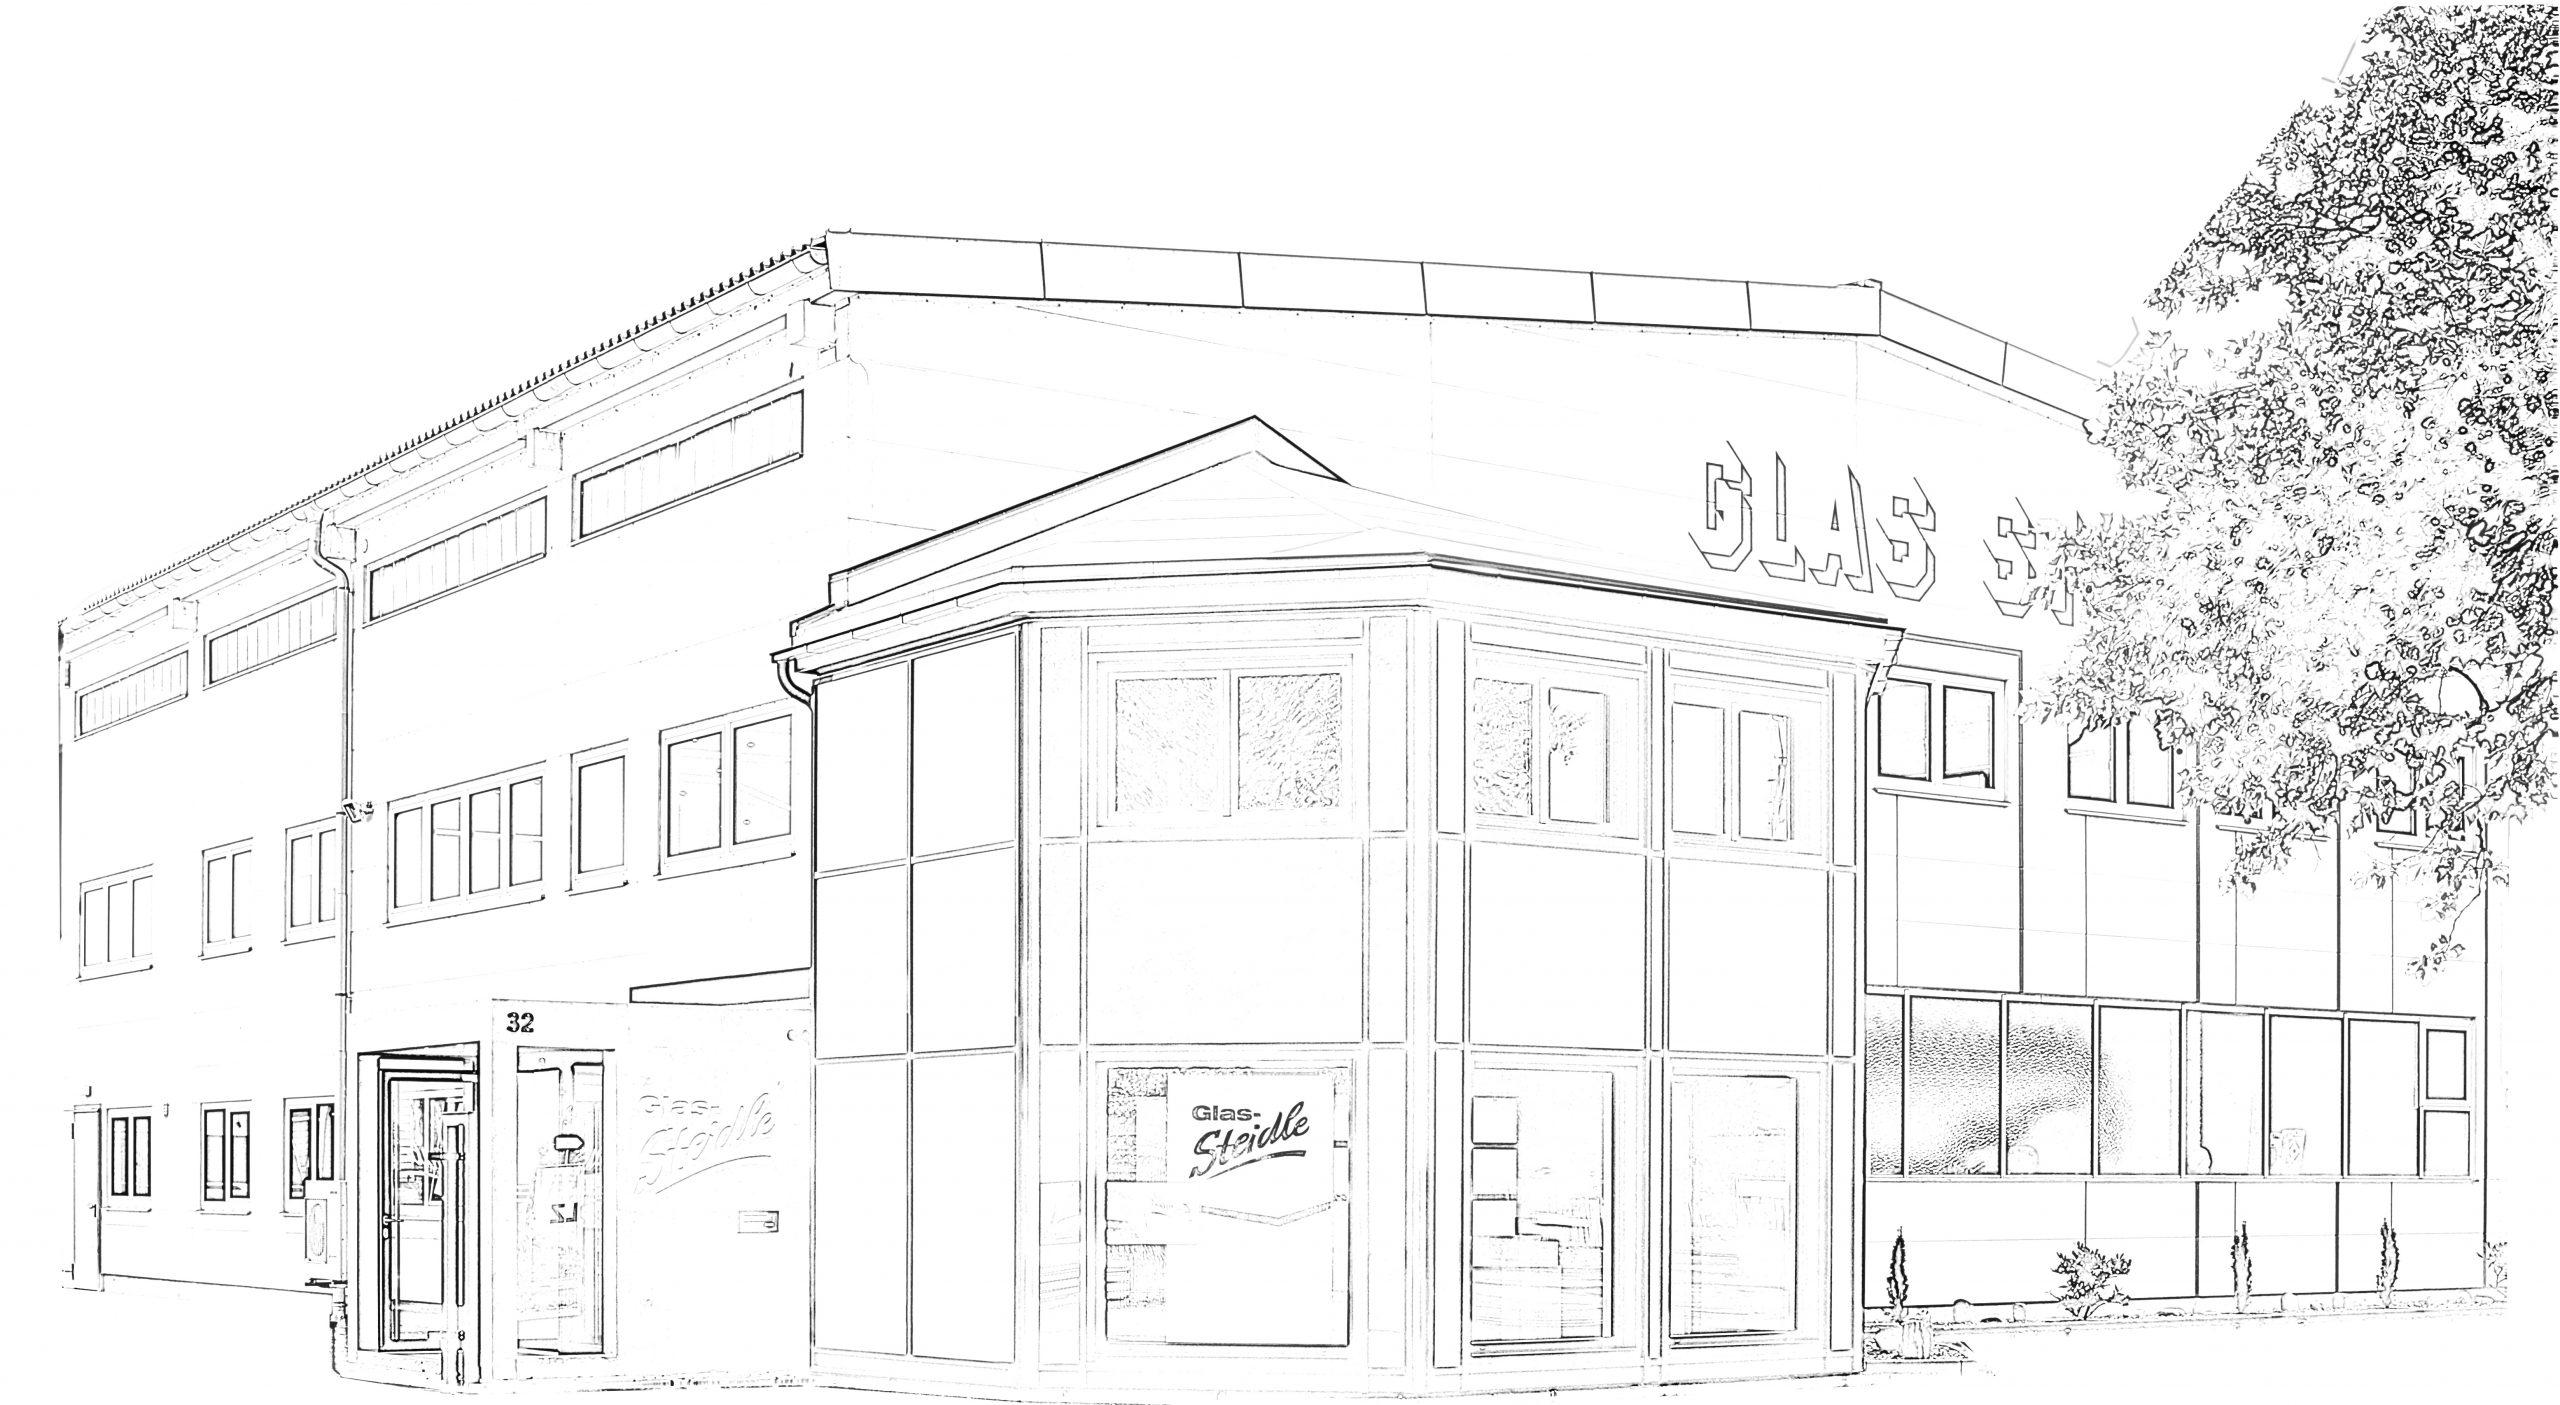 Stilisierte Aussenansicht des Gebäudes Glas-Steidle Singen